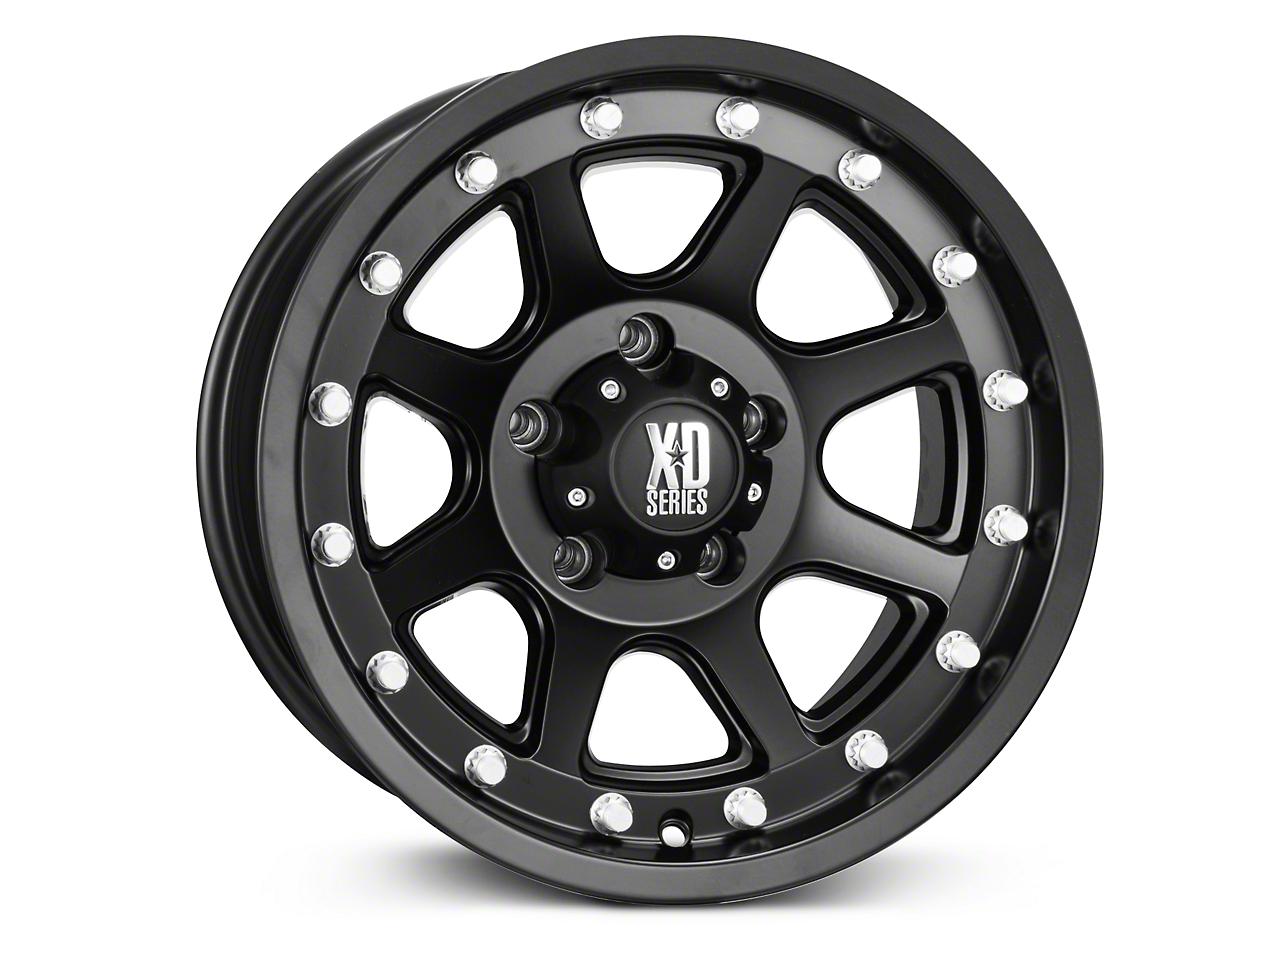 XD Addict Matte Black Wheels (07-18 Wrangler JK; 2018 Wrangler JL)